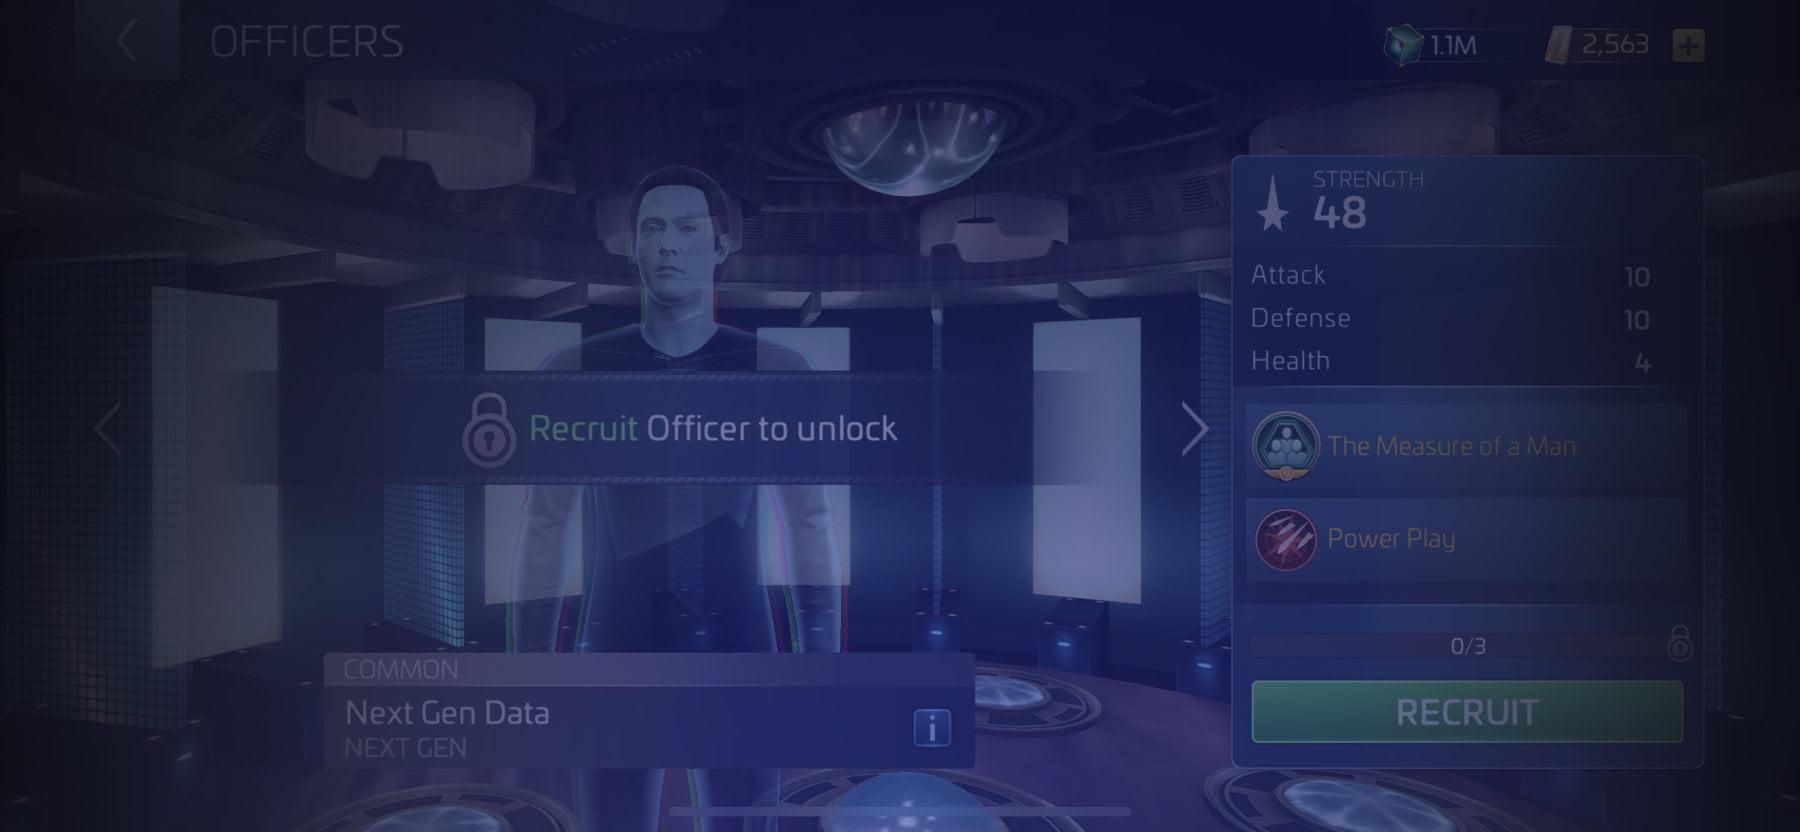 Officer Next Gen Data